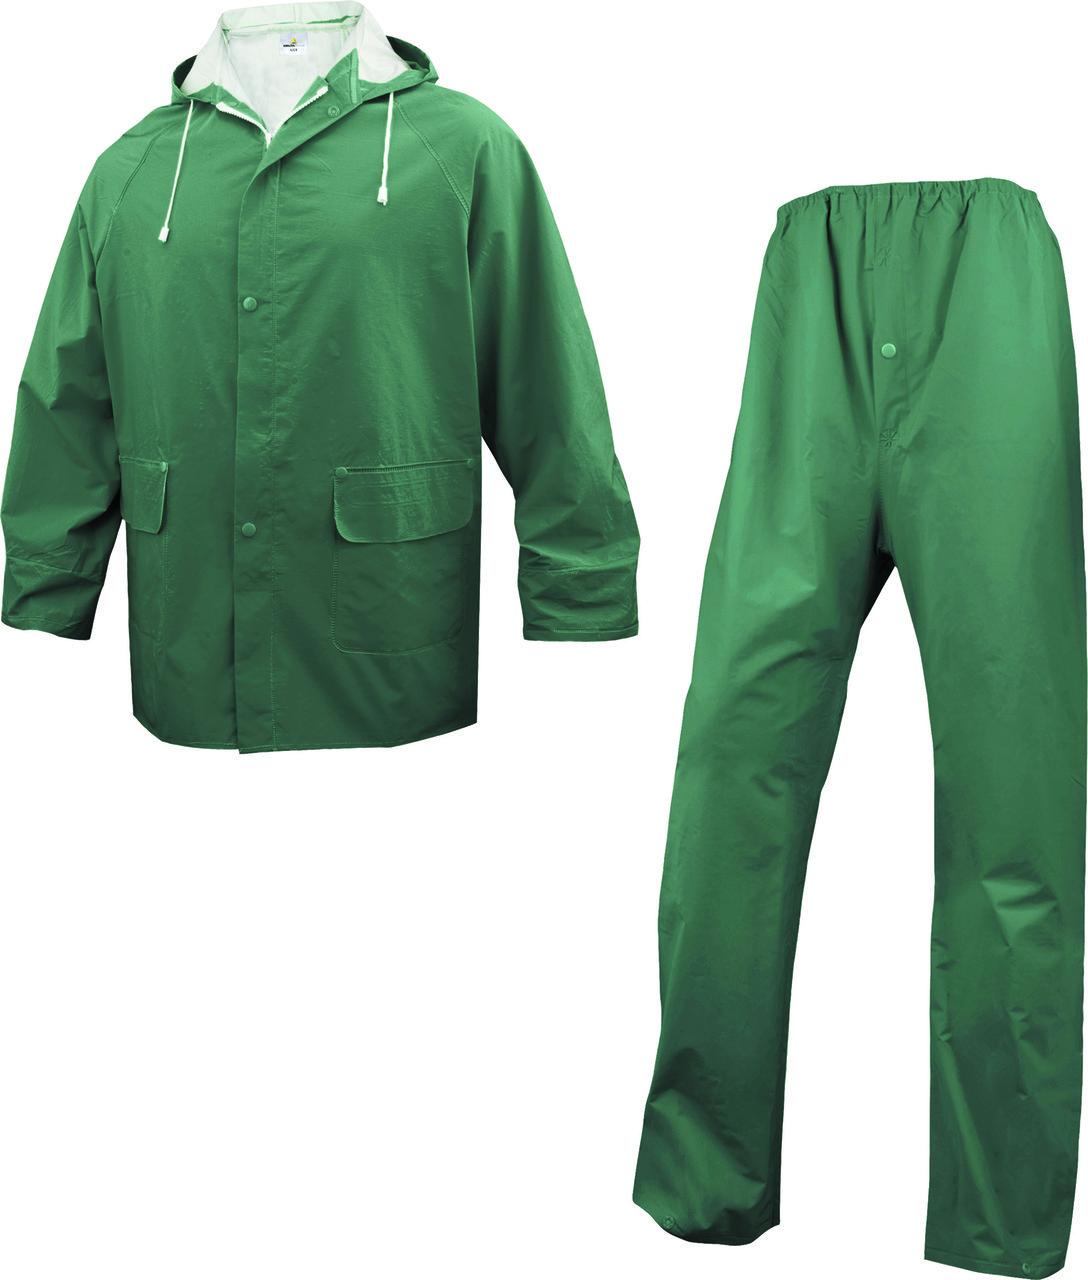 Костюм влагозащитный DELTA PLUS EN304 (зеленый)